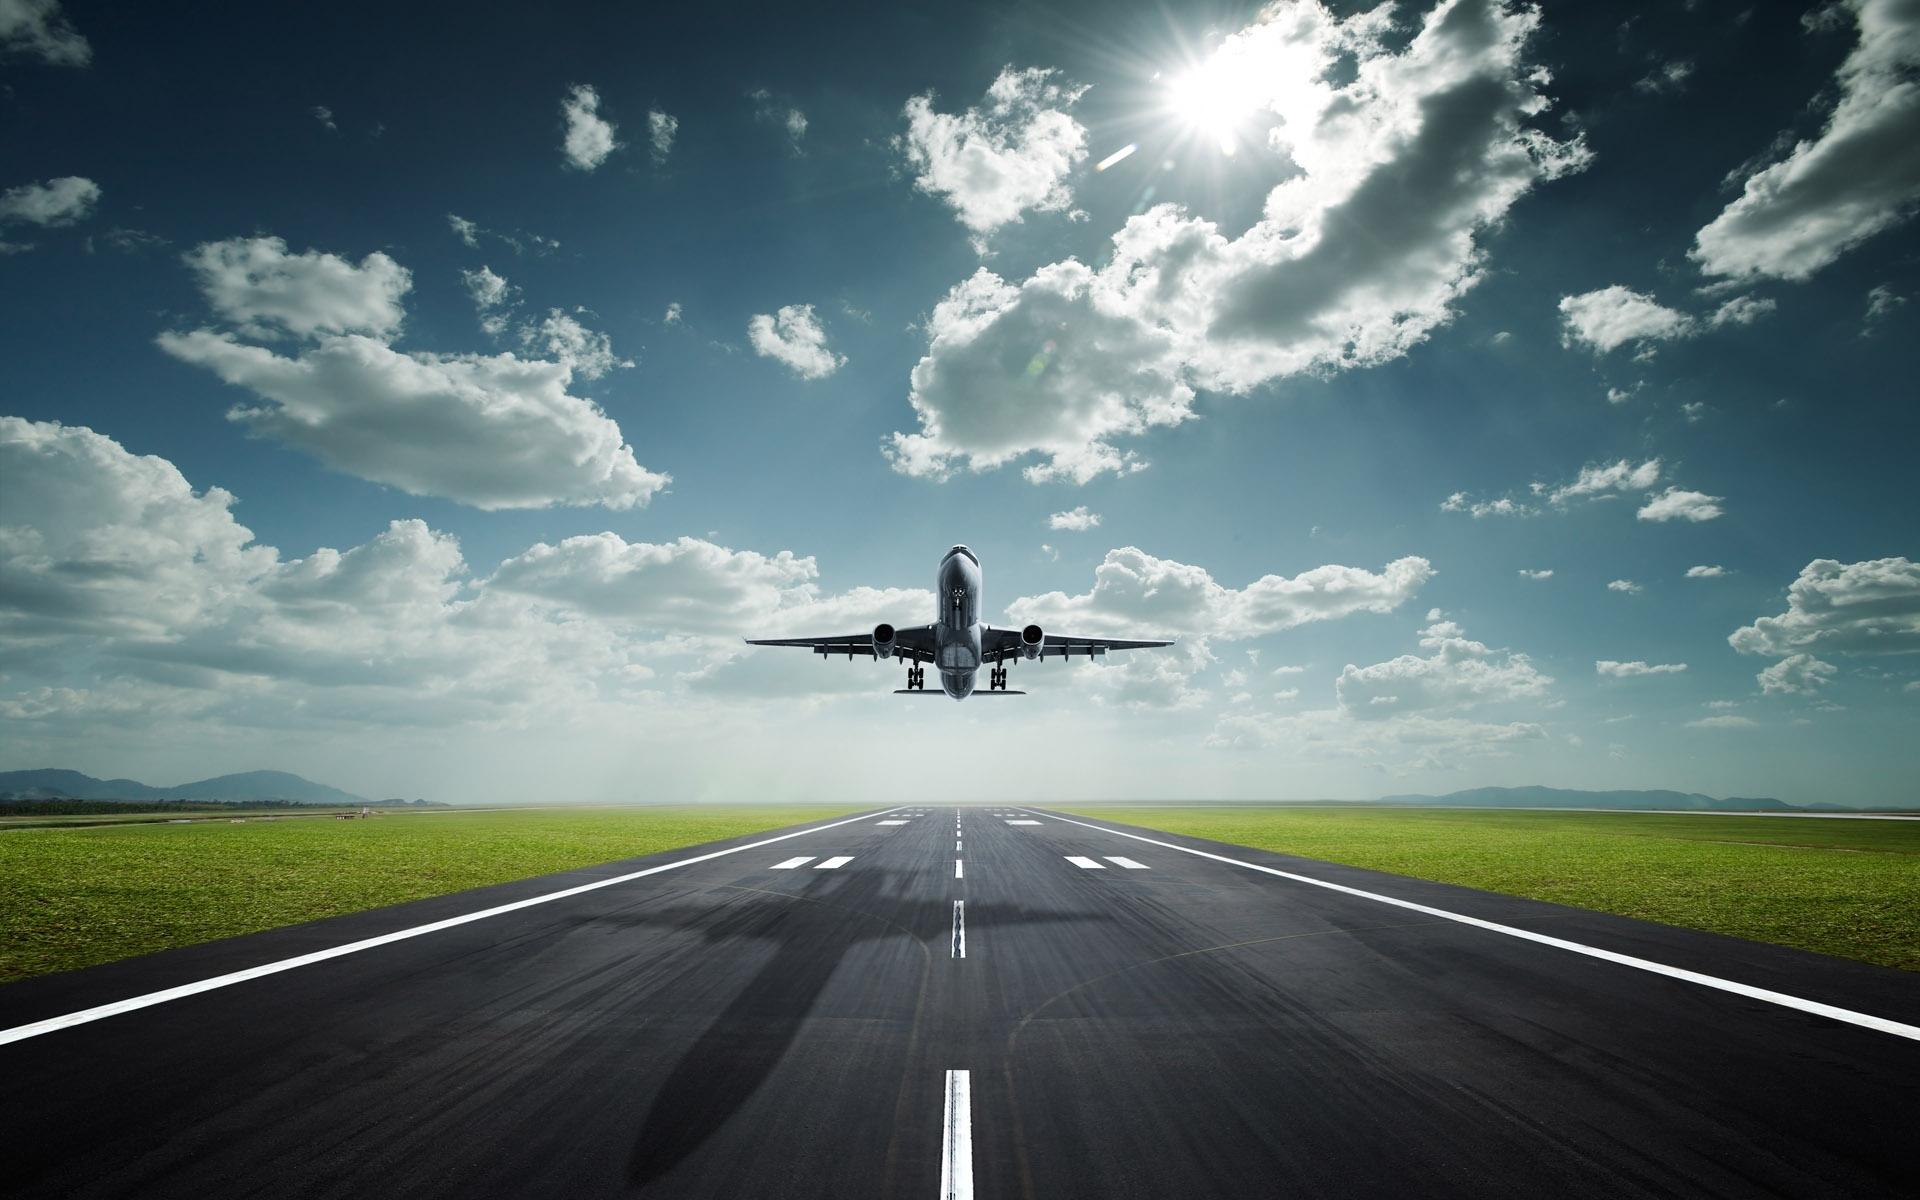 45238 скачать обои Самолеты, Транспорт - заставки и картинки бесплатно